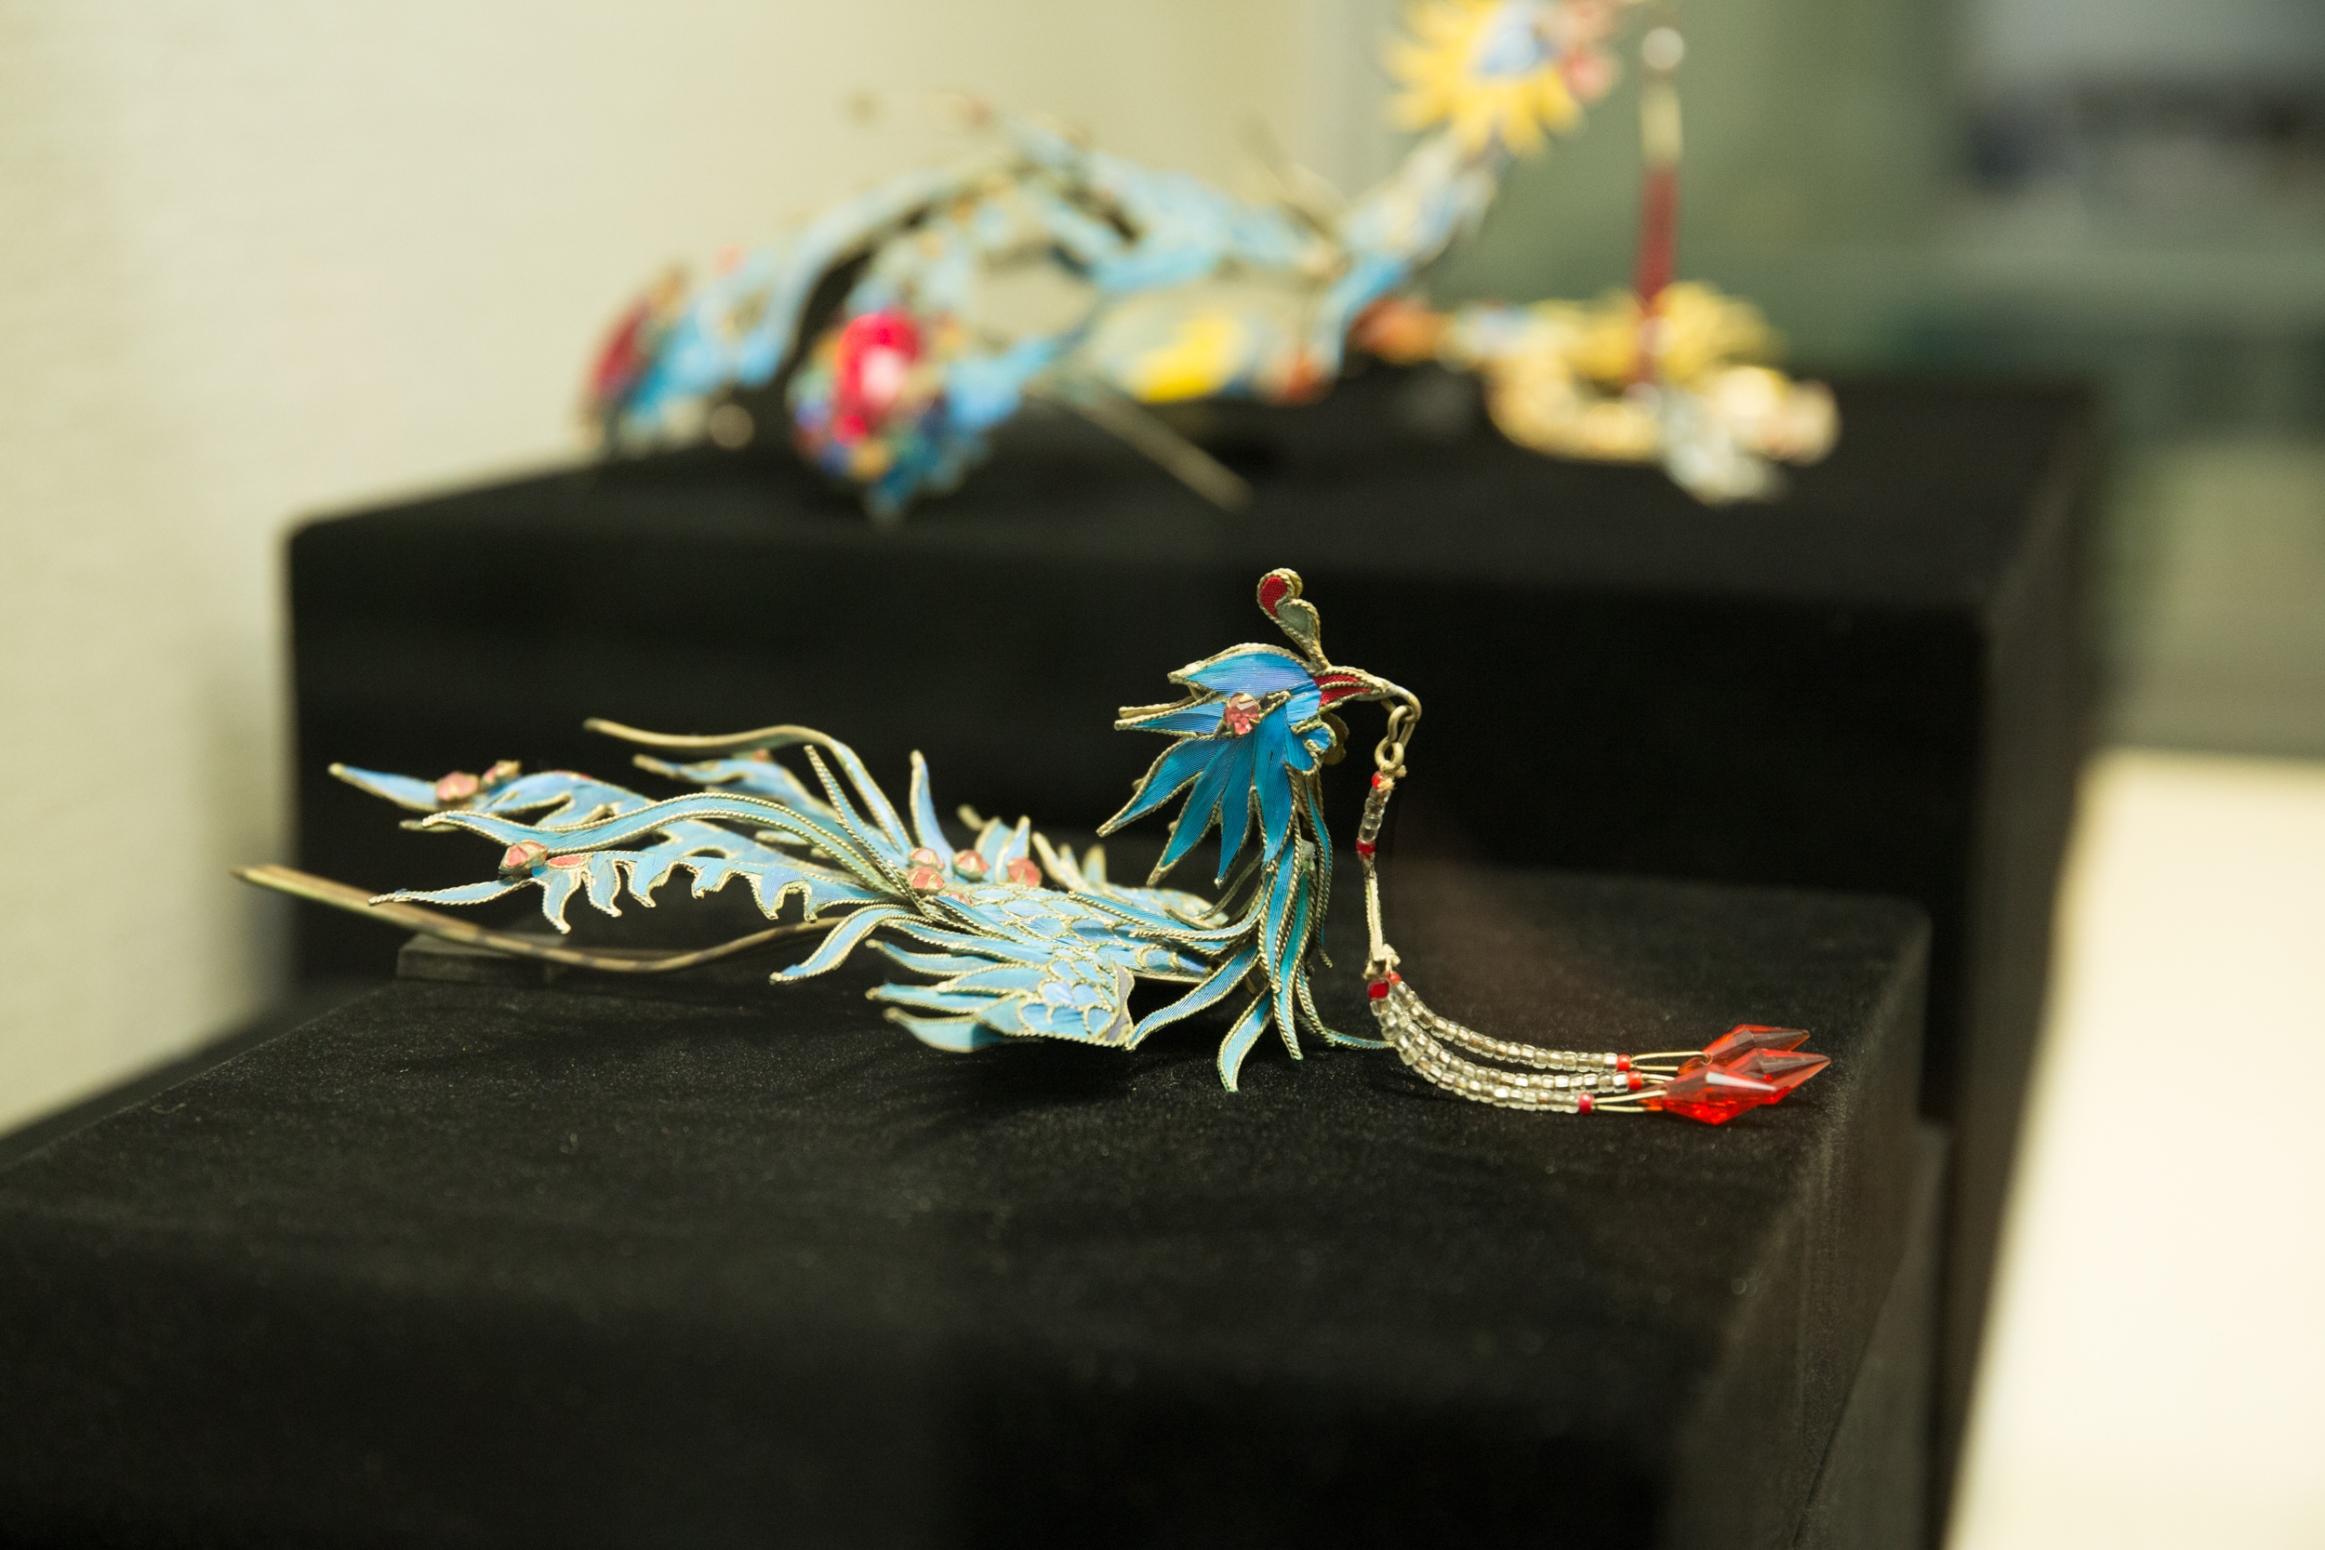 以點翠工藝製作的頭飾。點翠工藝是在金銀寶石首飾裏配上翠鳥羽毛,現已失傳。